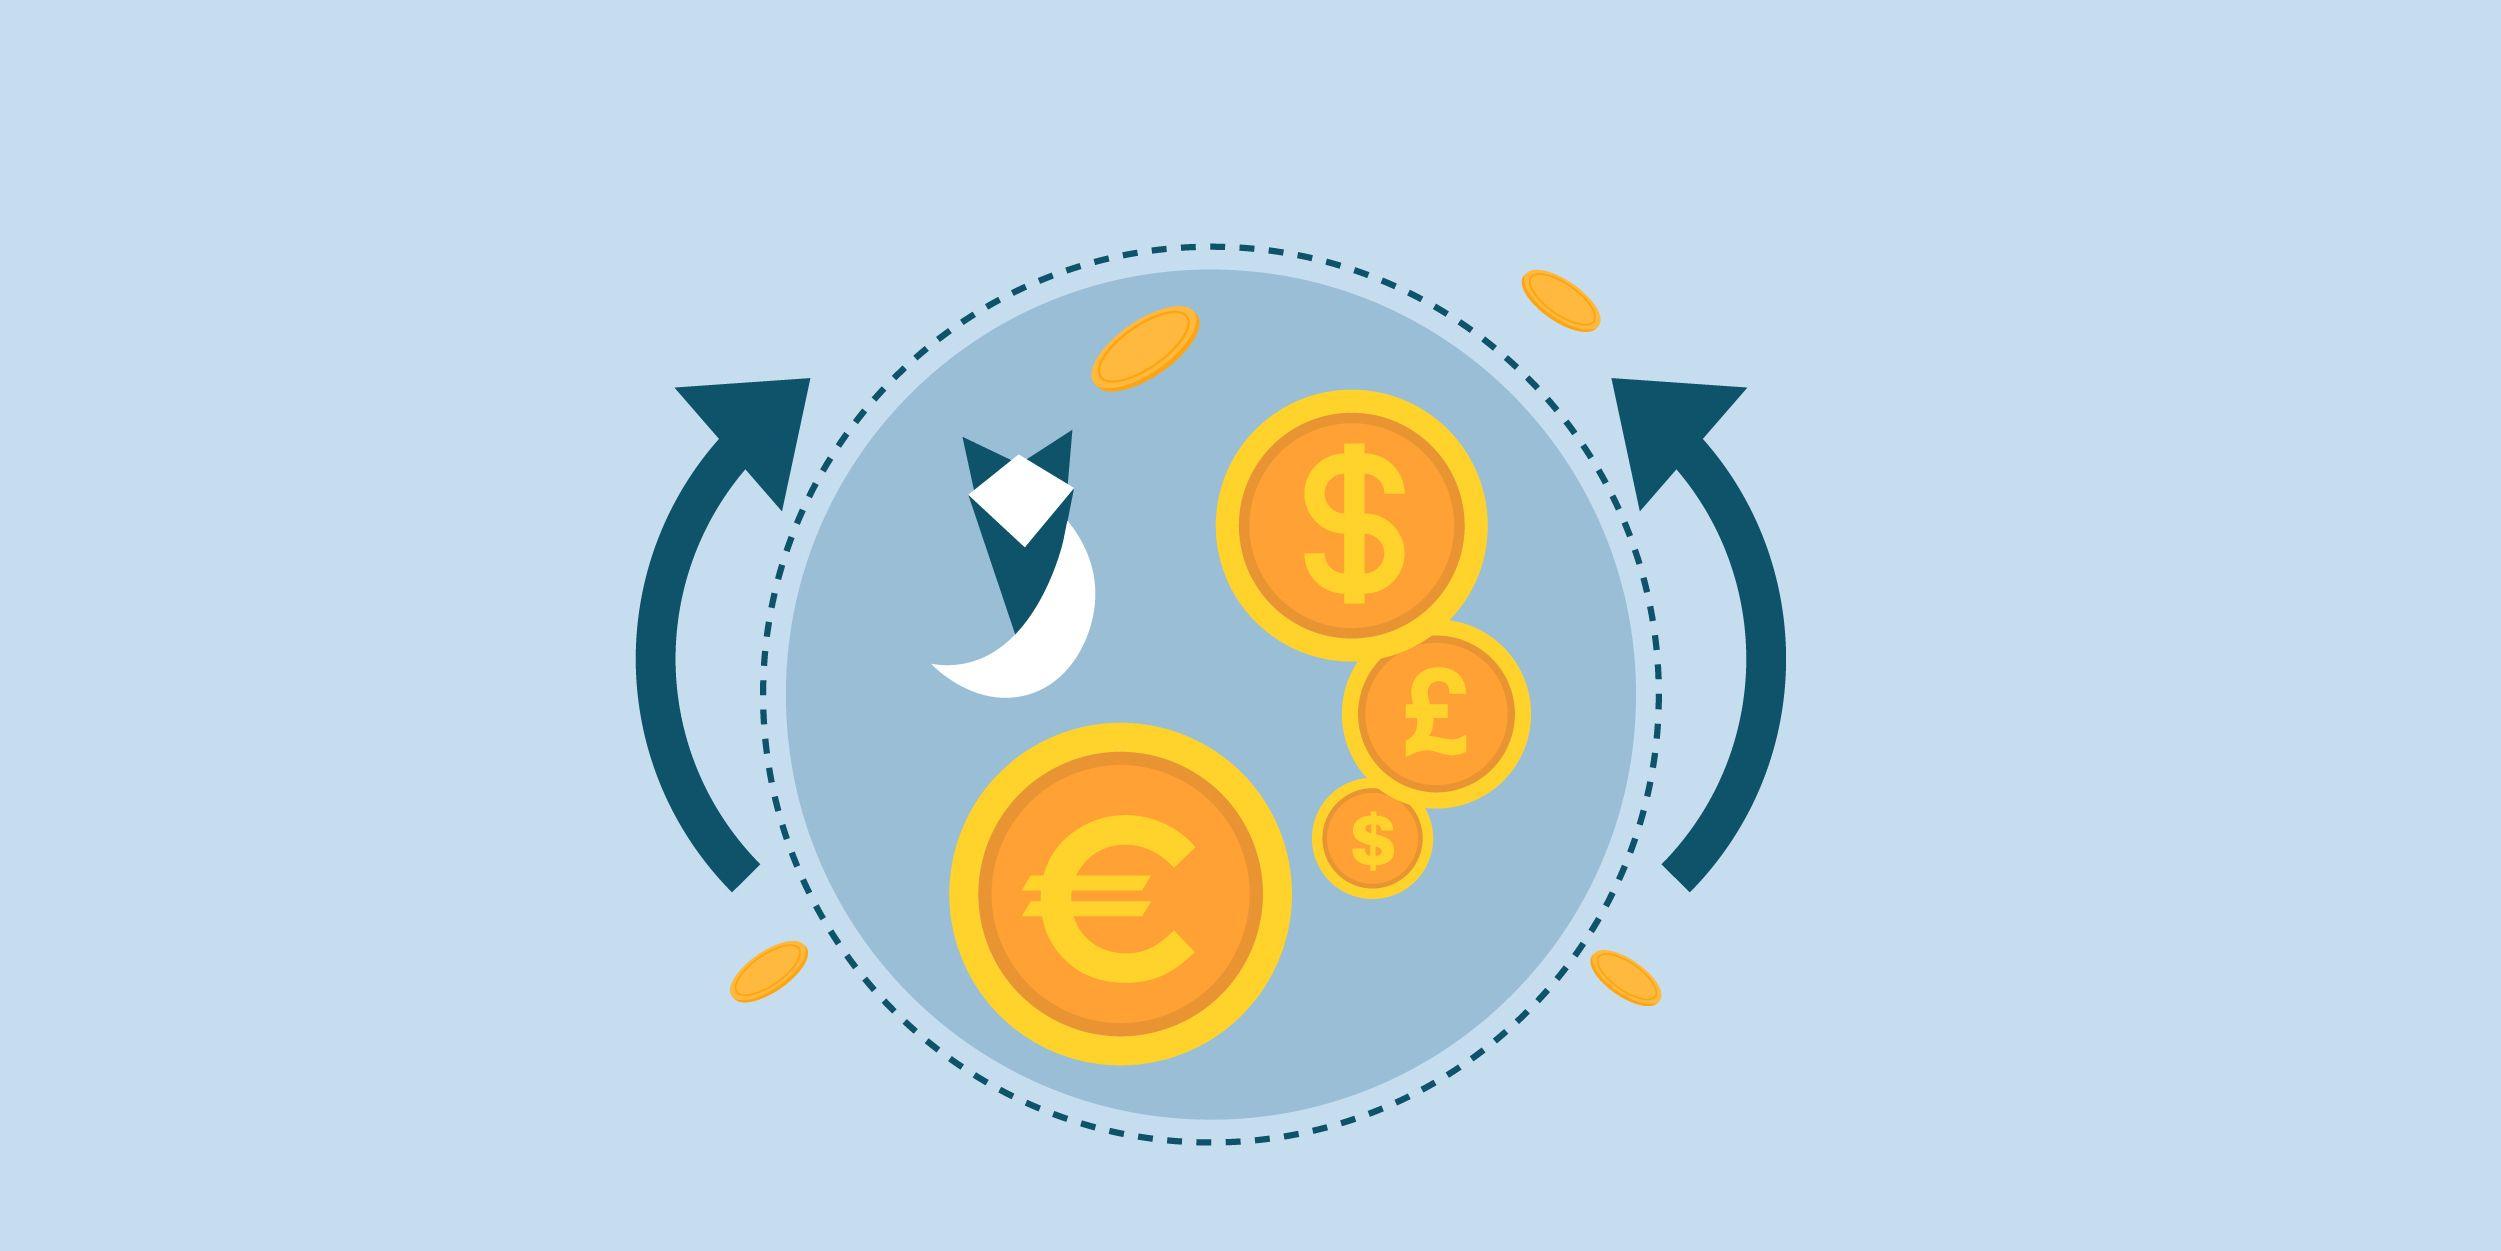 أسعار العملات الأجنبية اليوم: الأحد 15 أغسطس 2021